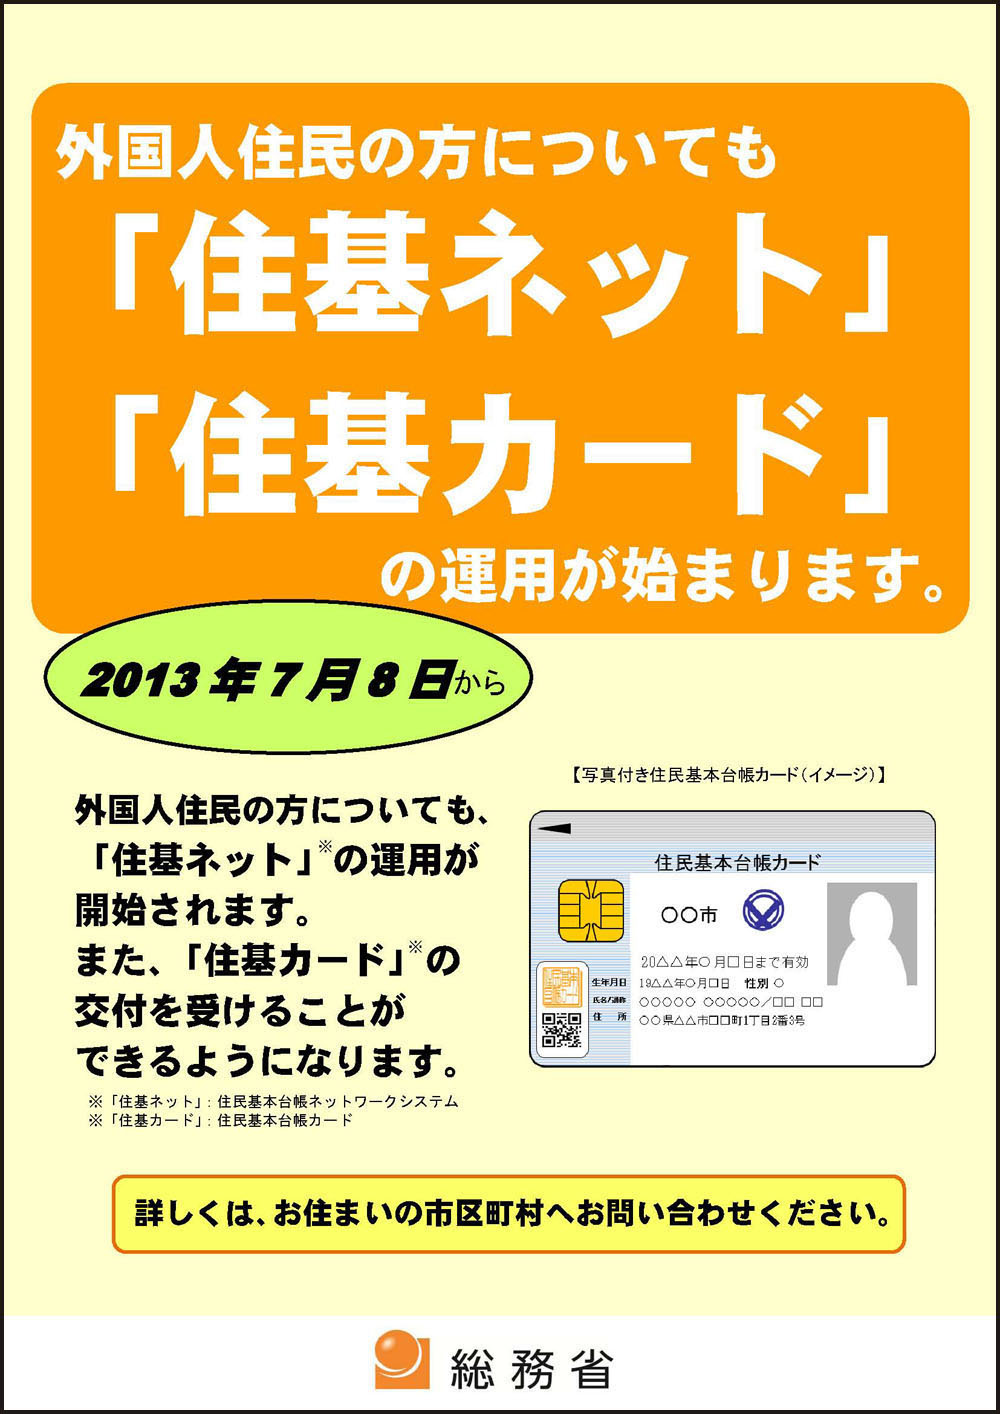 zyukinet-card_leaflet_1